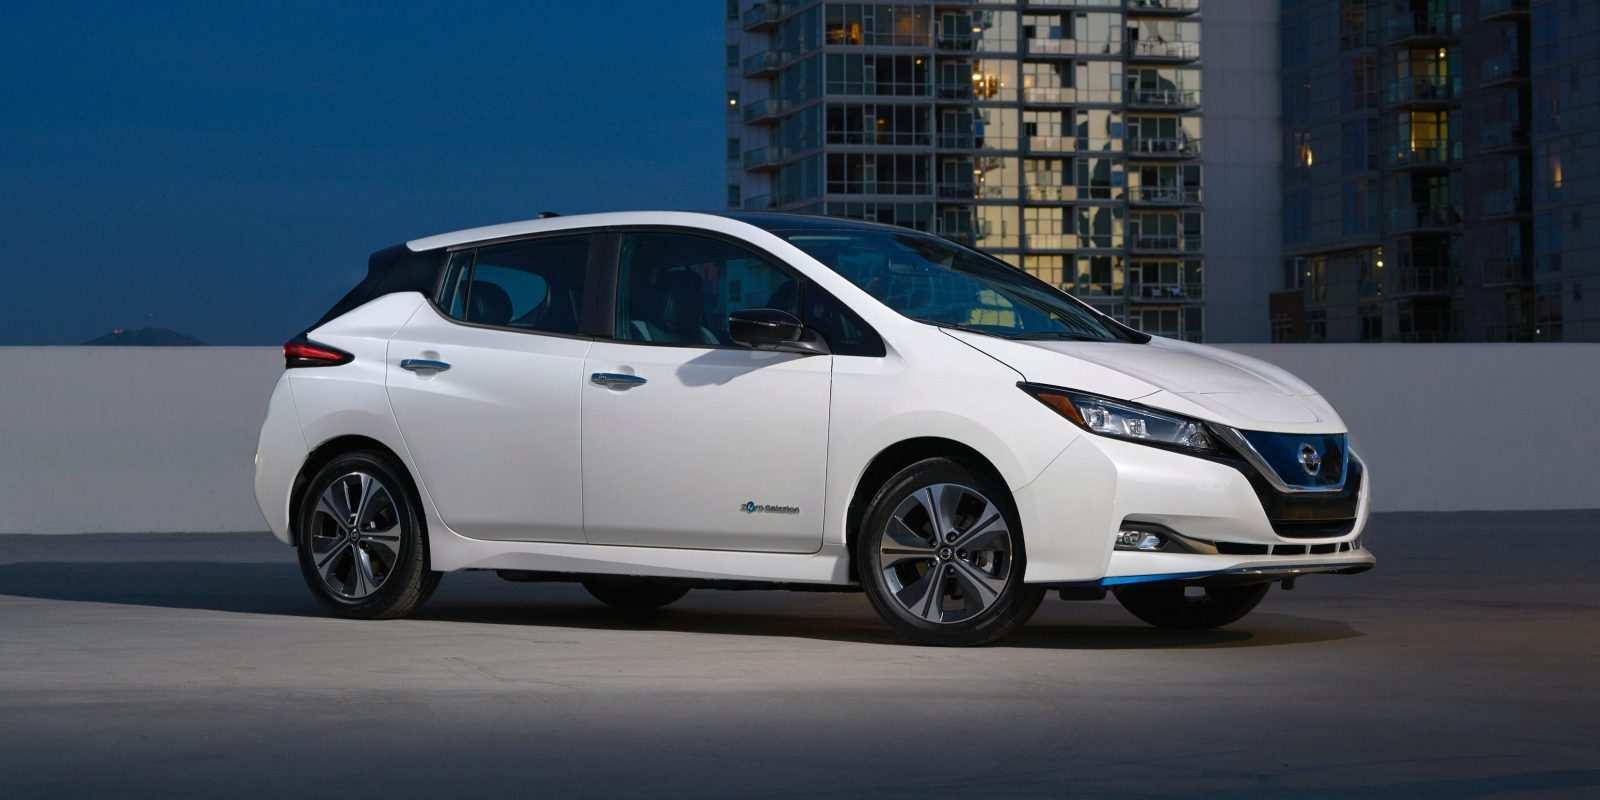 15 Best Review 2019 Nissan Ev Rumors for 2019 Nissan Ev